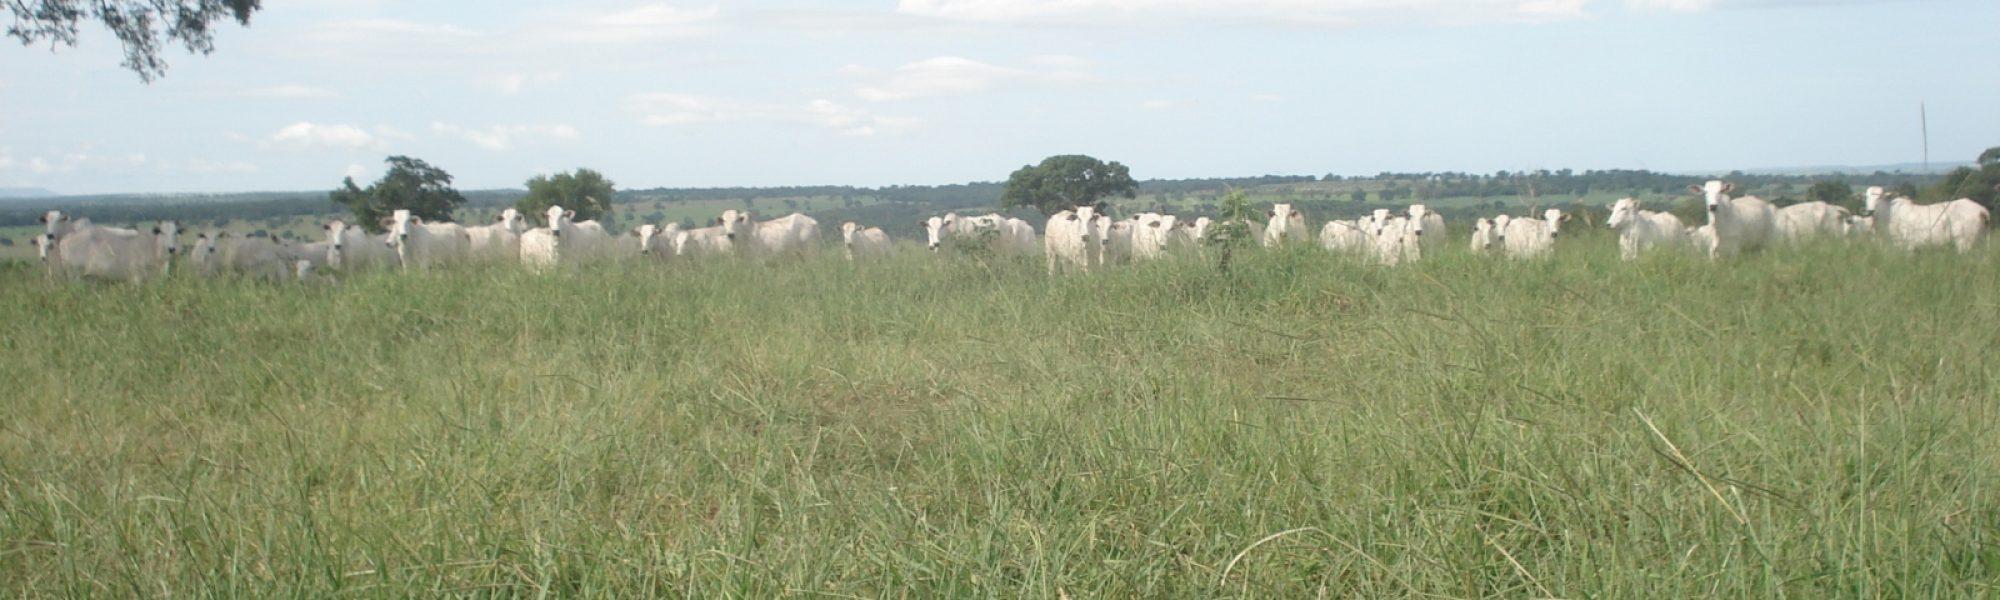 Fazenda com 720 hectares no Município de Corguinho